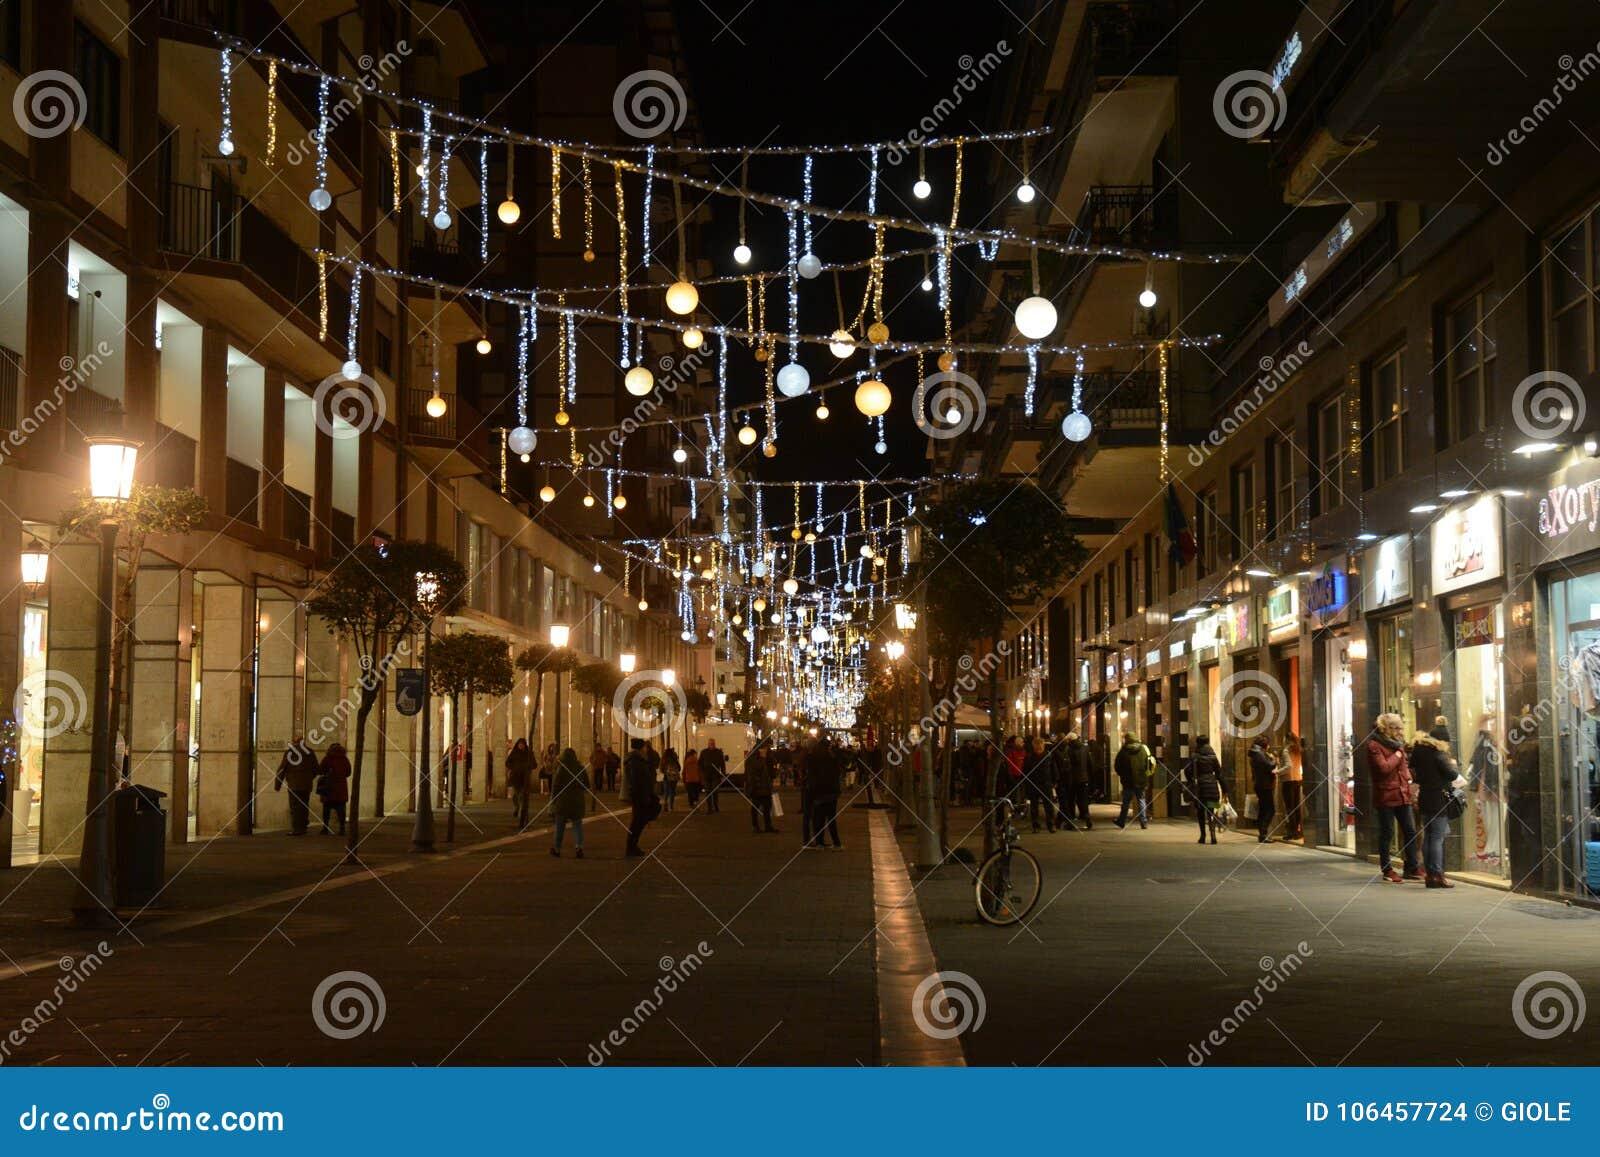 Illuminazione natalizia salerno sud italia. editorial stock image